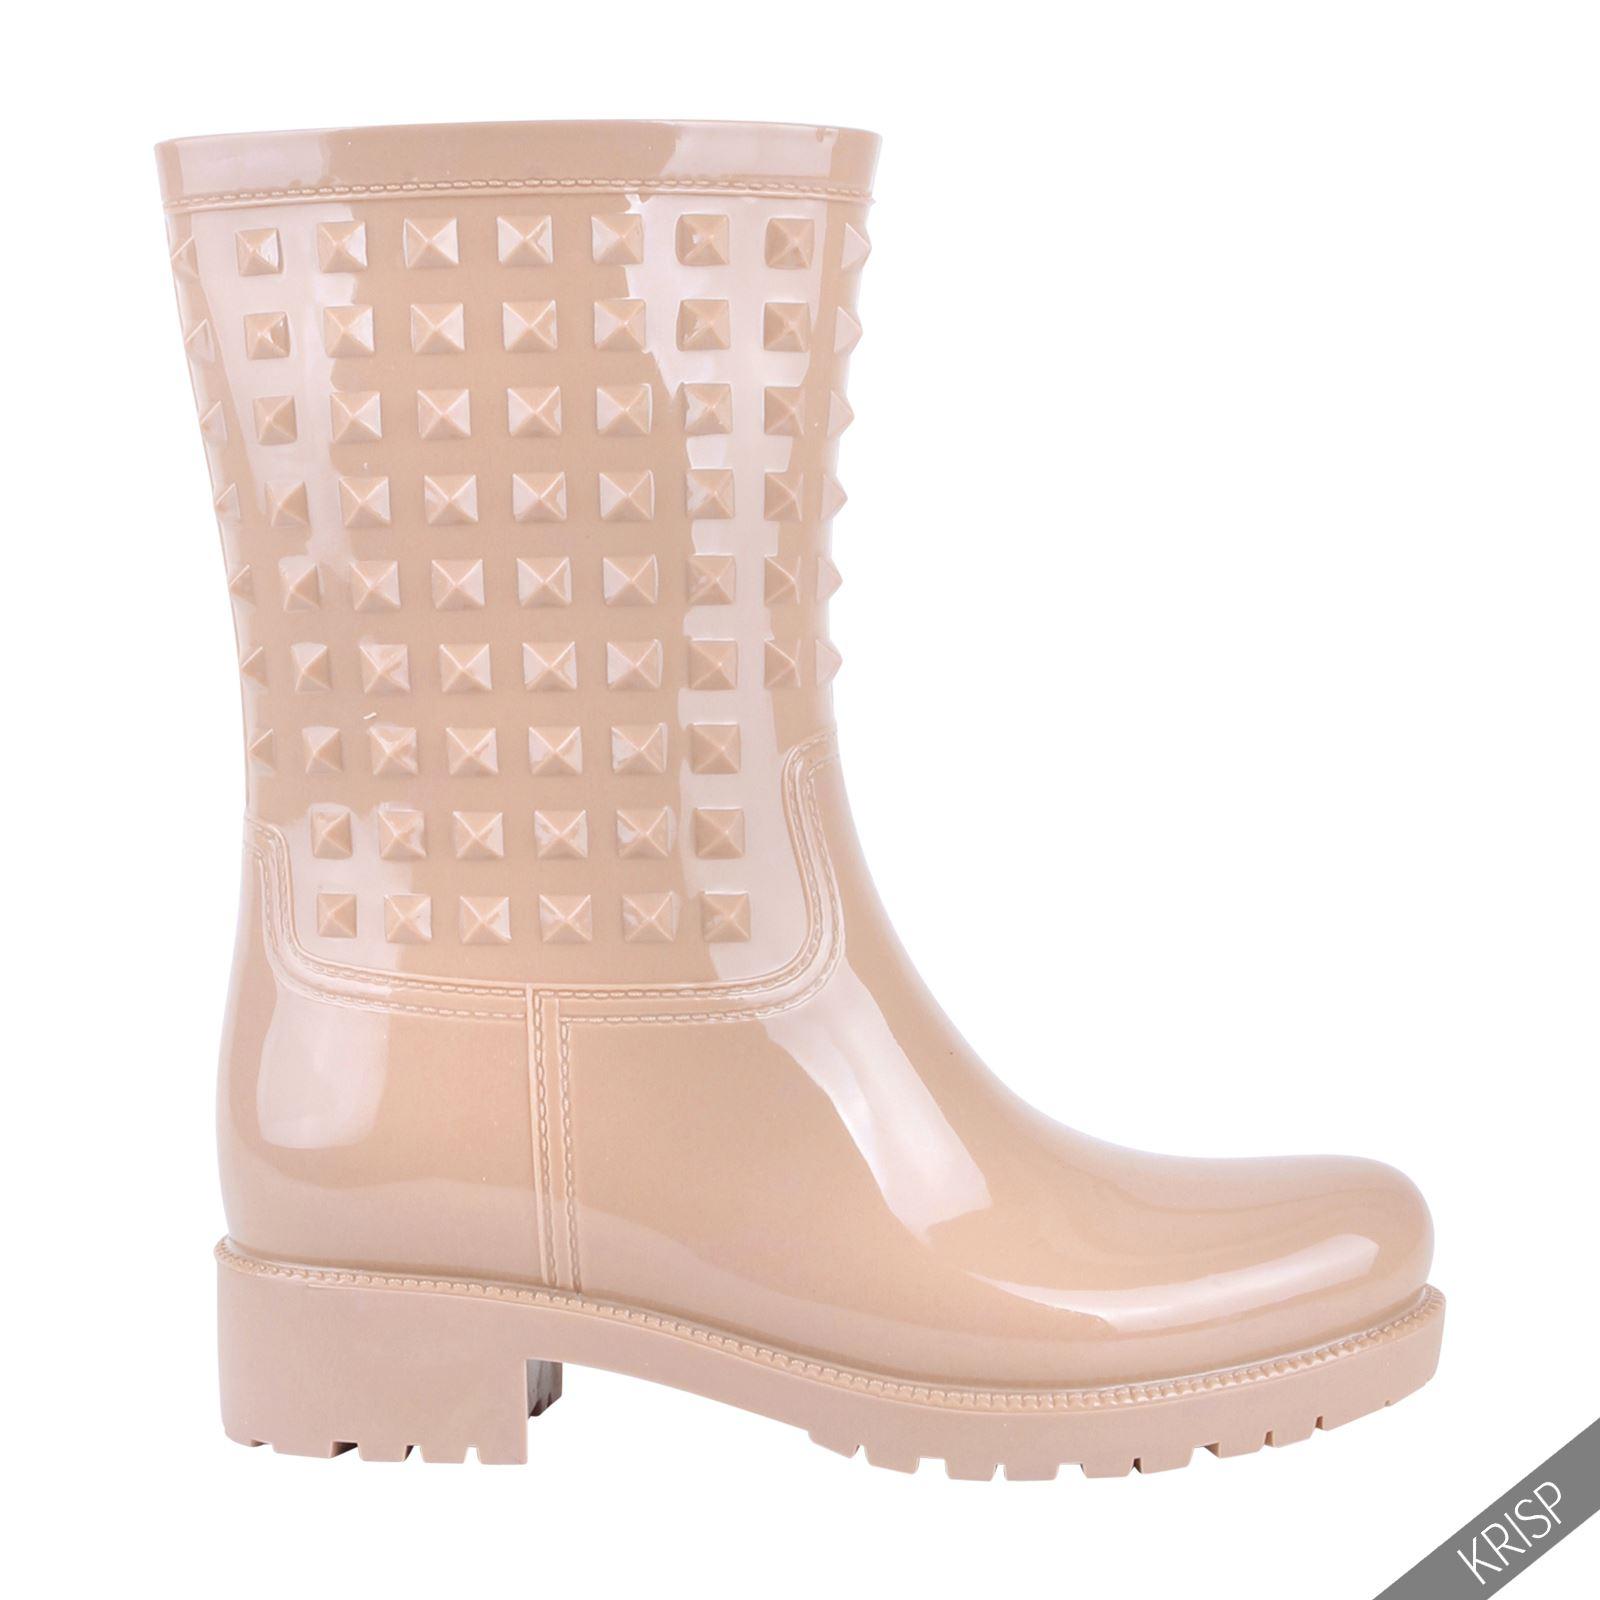 Botas-Agua-Mujer-Barata-Original-Botines-Moda-Comodas-Calzado-Elastico-Juveniles miniatura 9